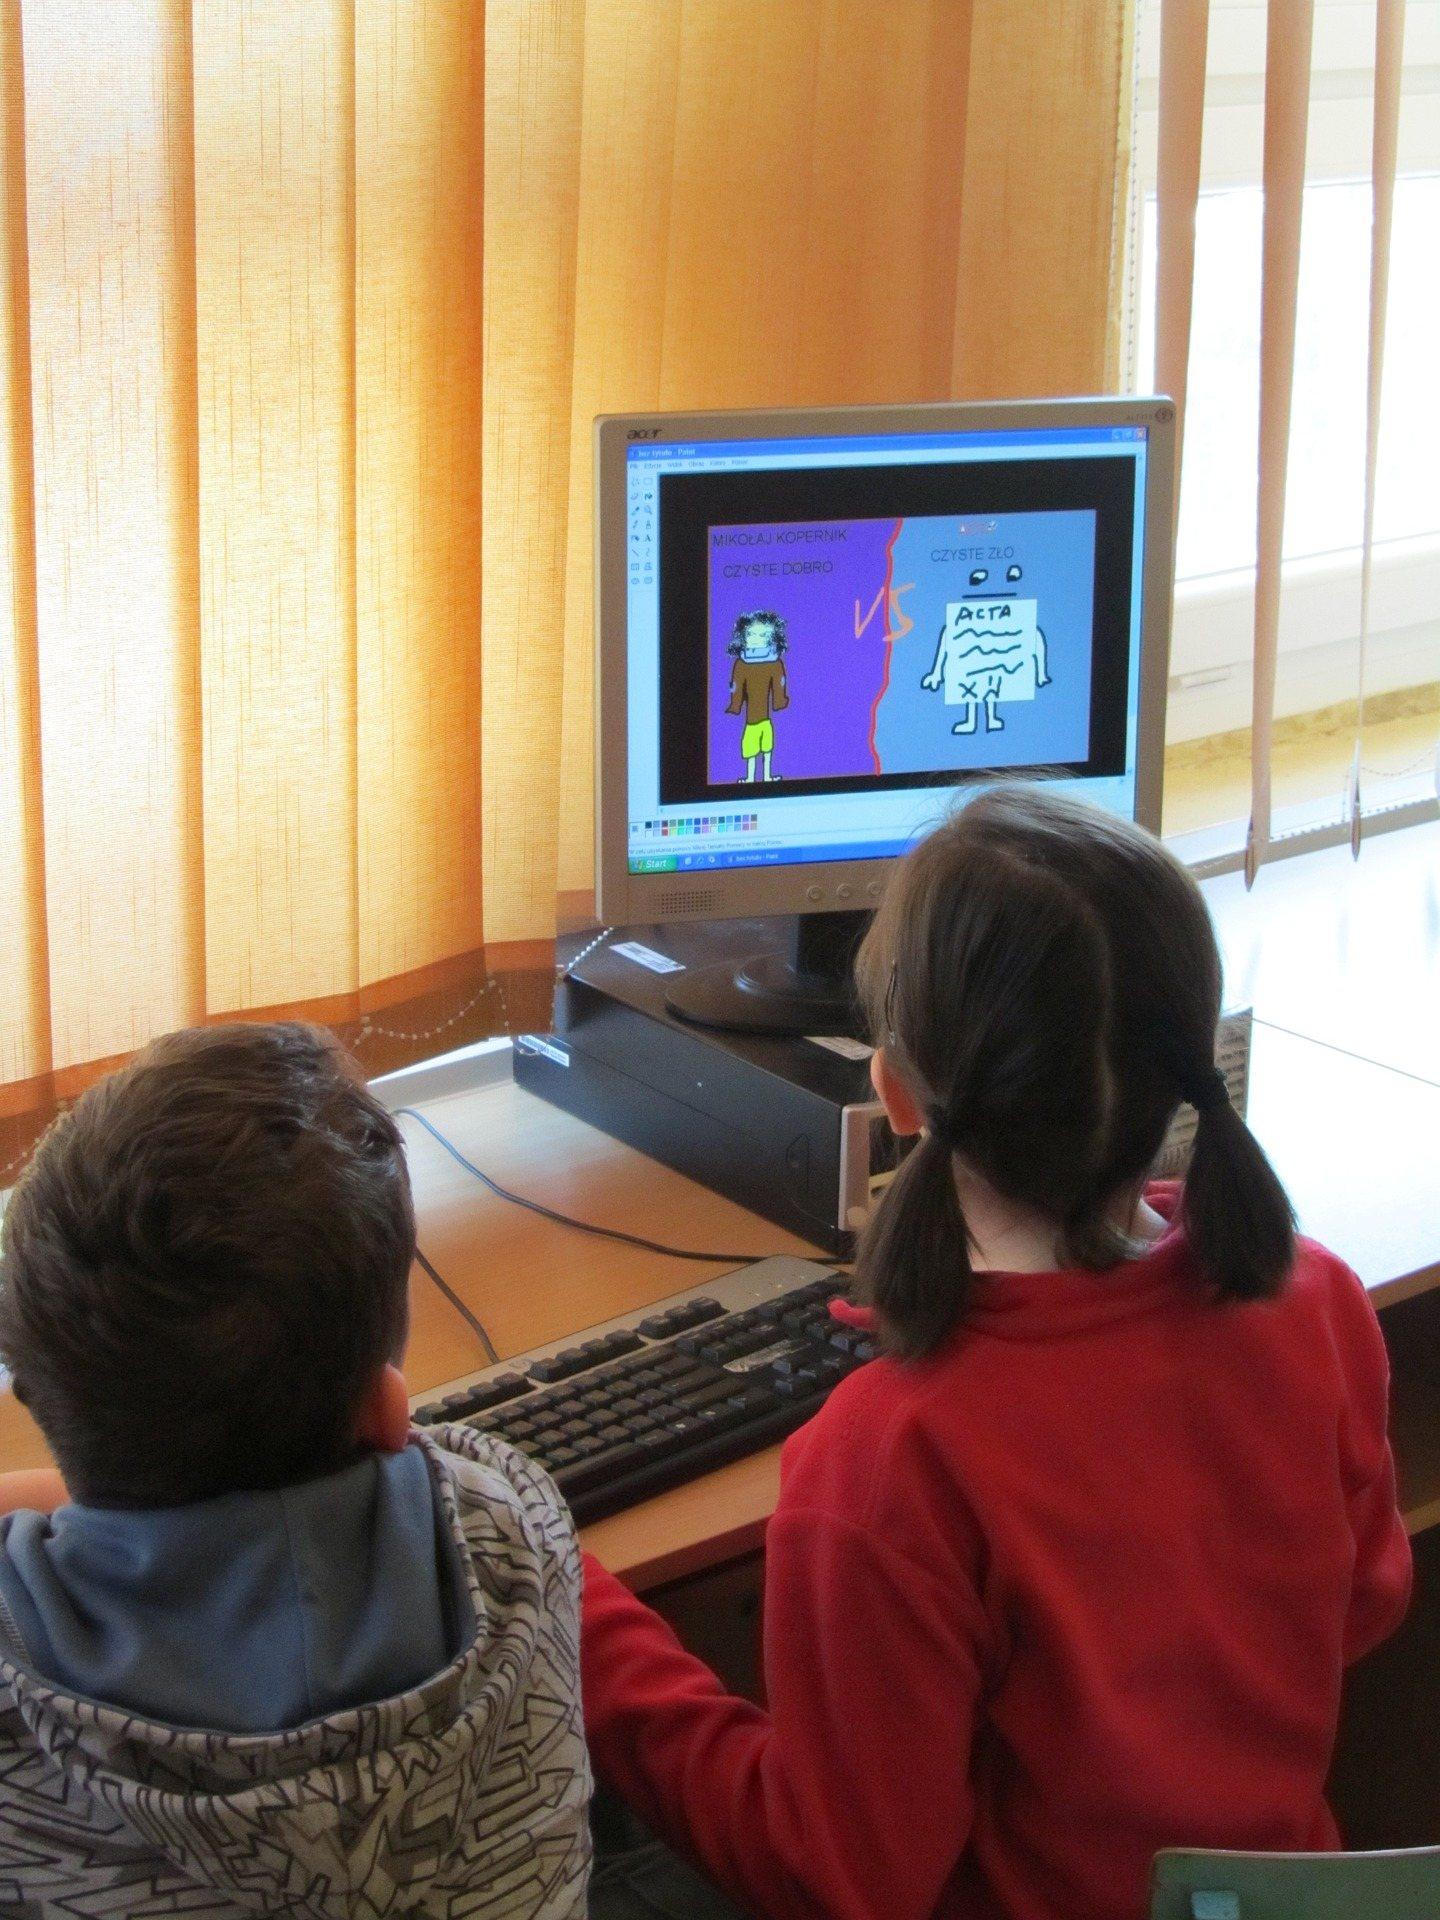 Vaikų naudojimosi internetu rizikos. Kokios rekomendacijos tėvams?